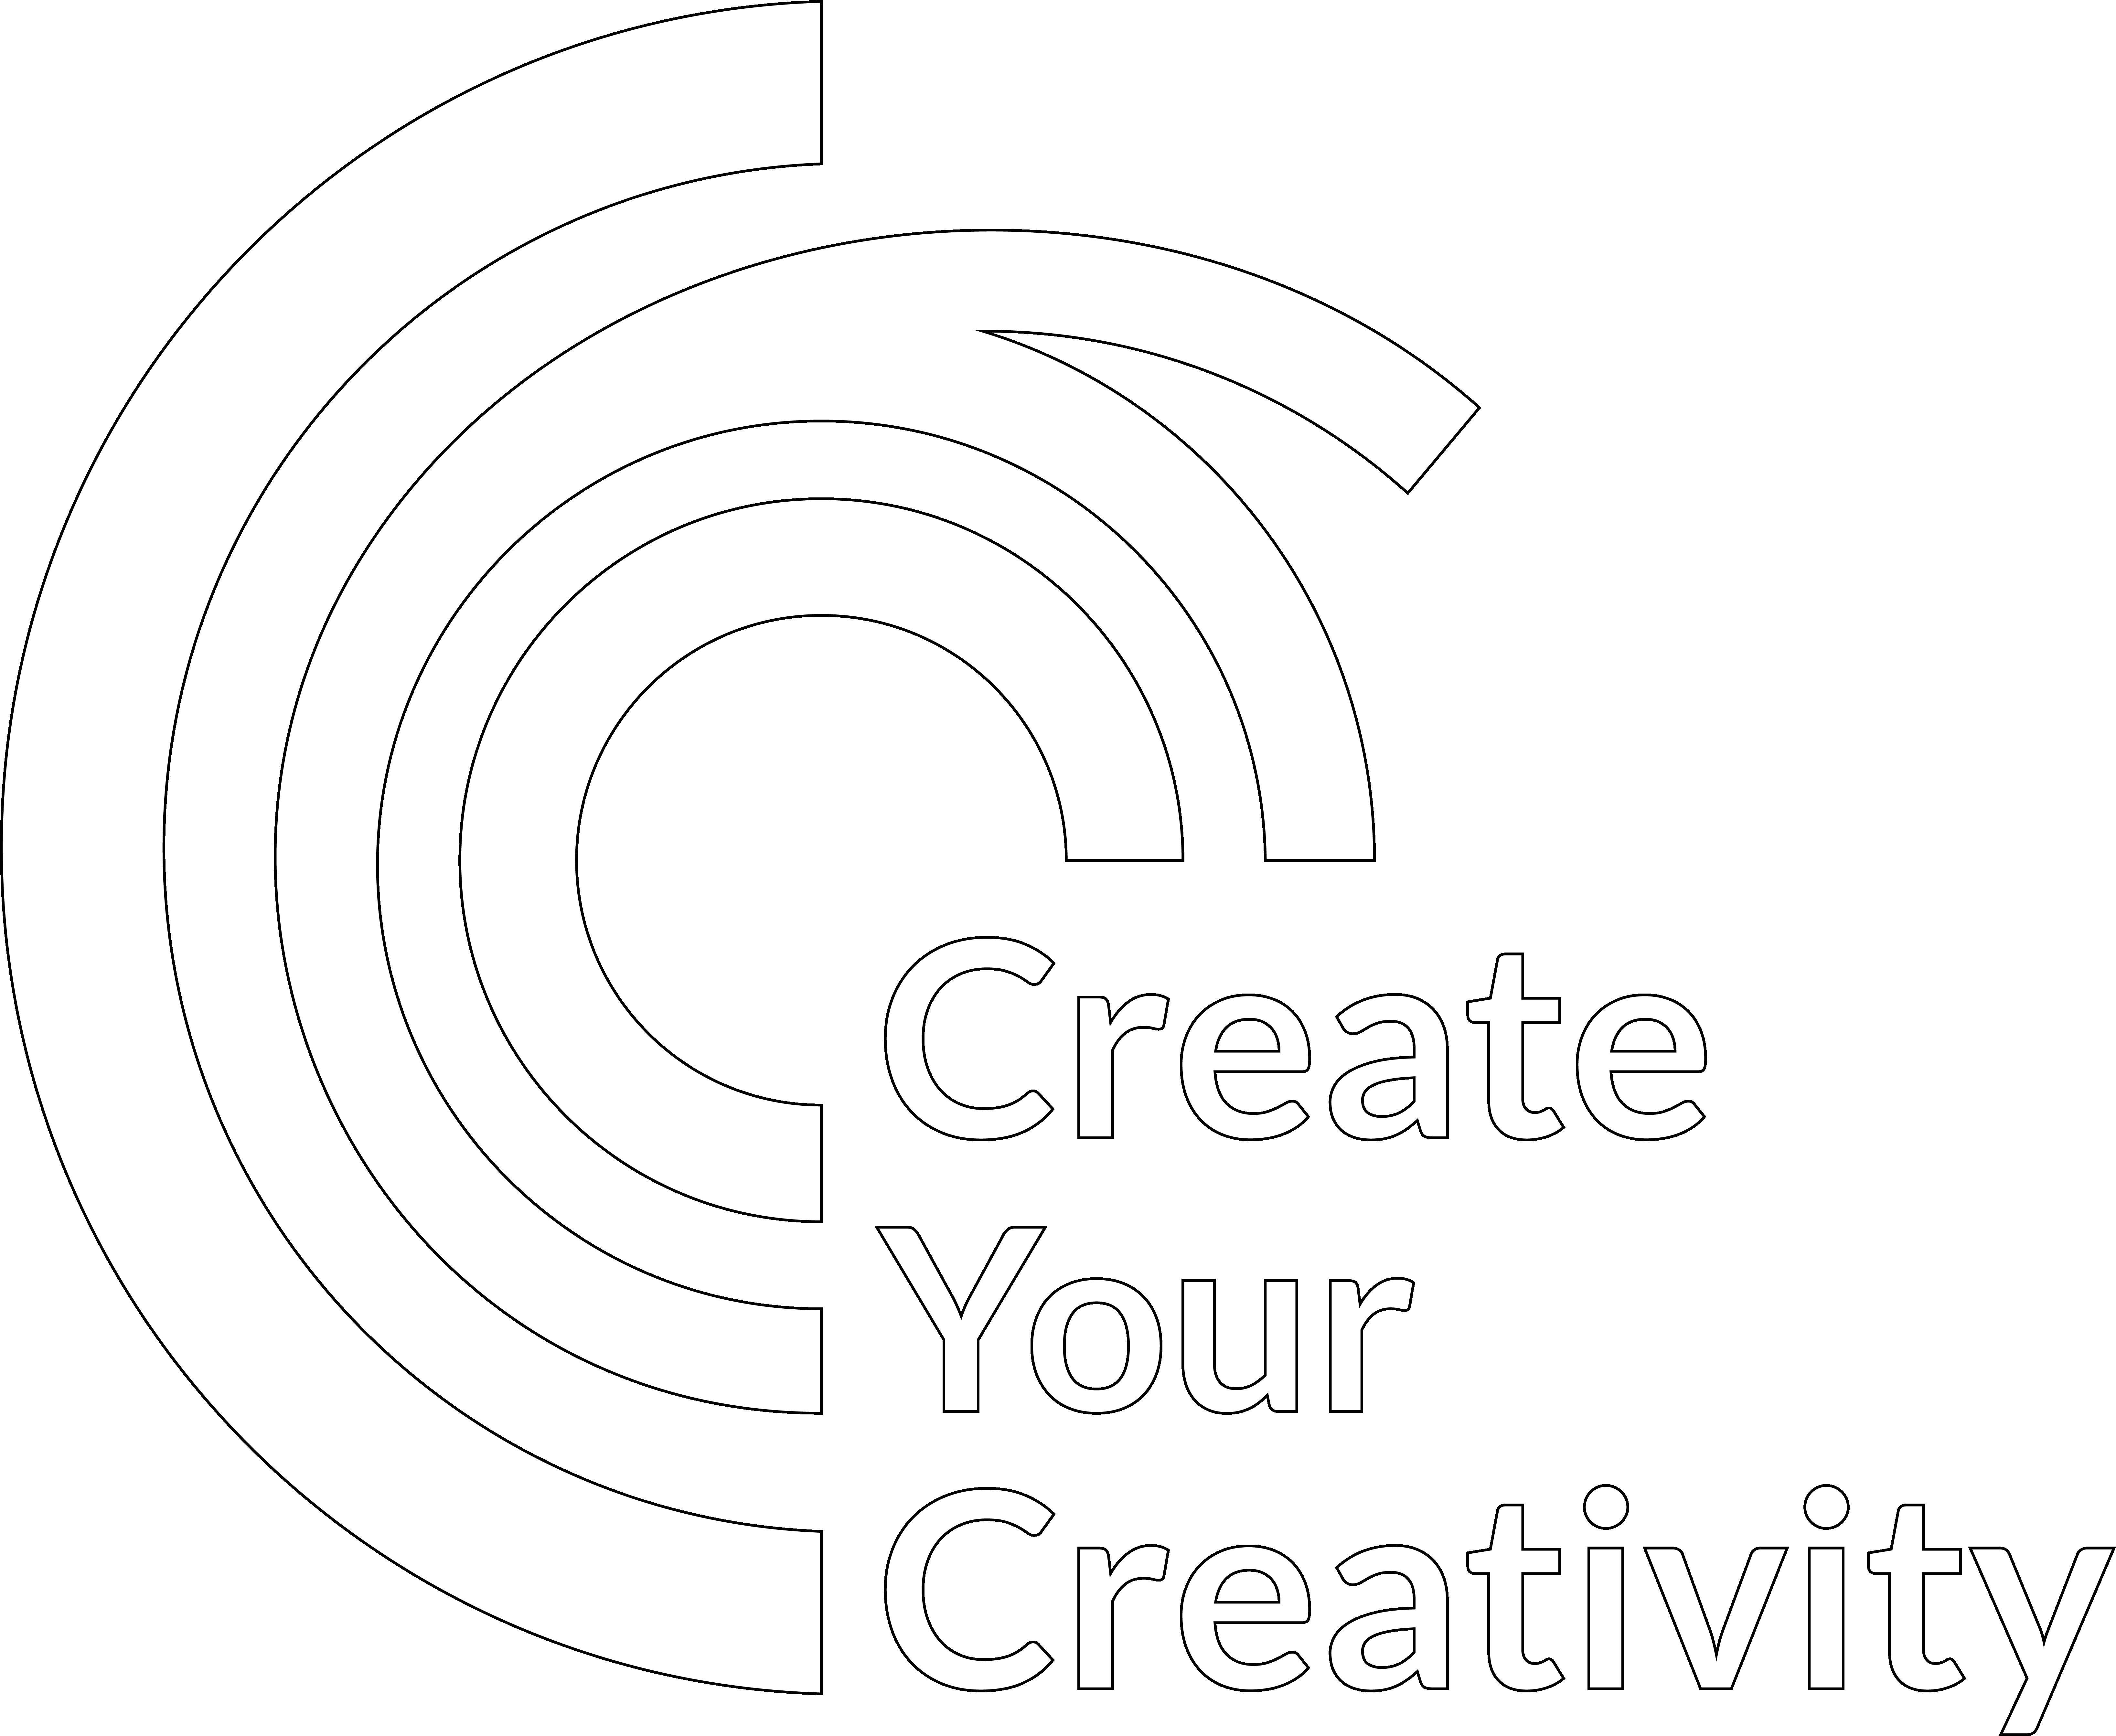 https://campaign-image.com/zohocampaigns/515588000000344006_zc_v14_cyc_logo_aqua_w_words.png